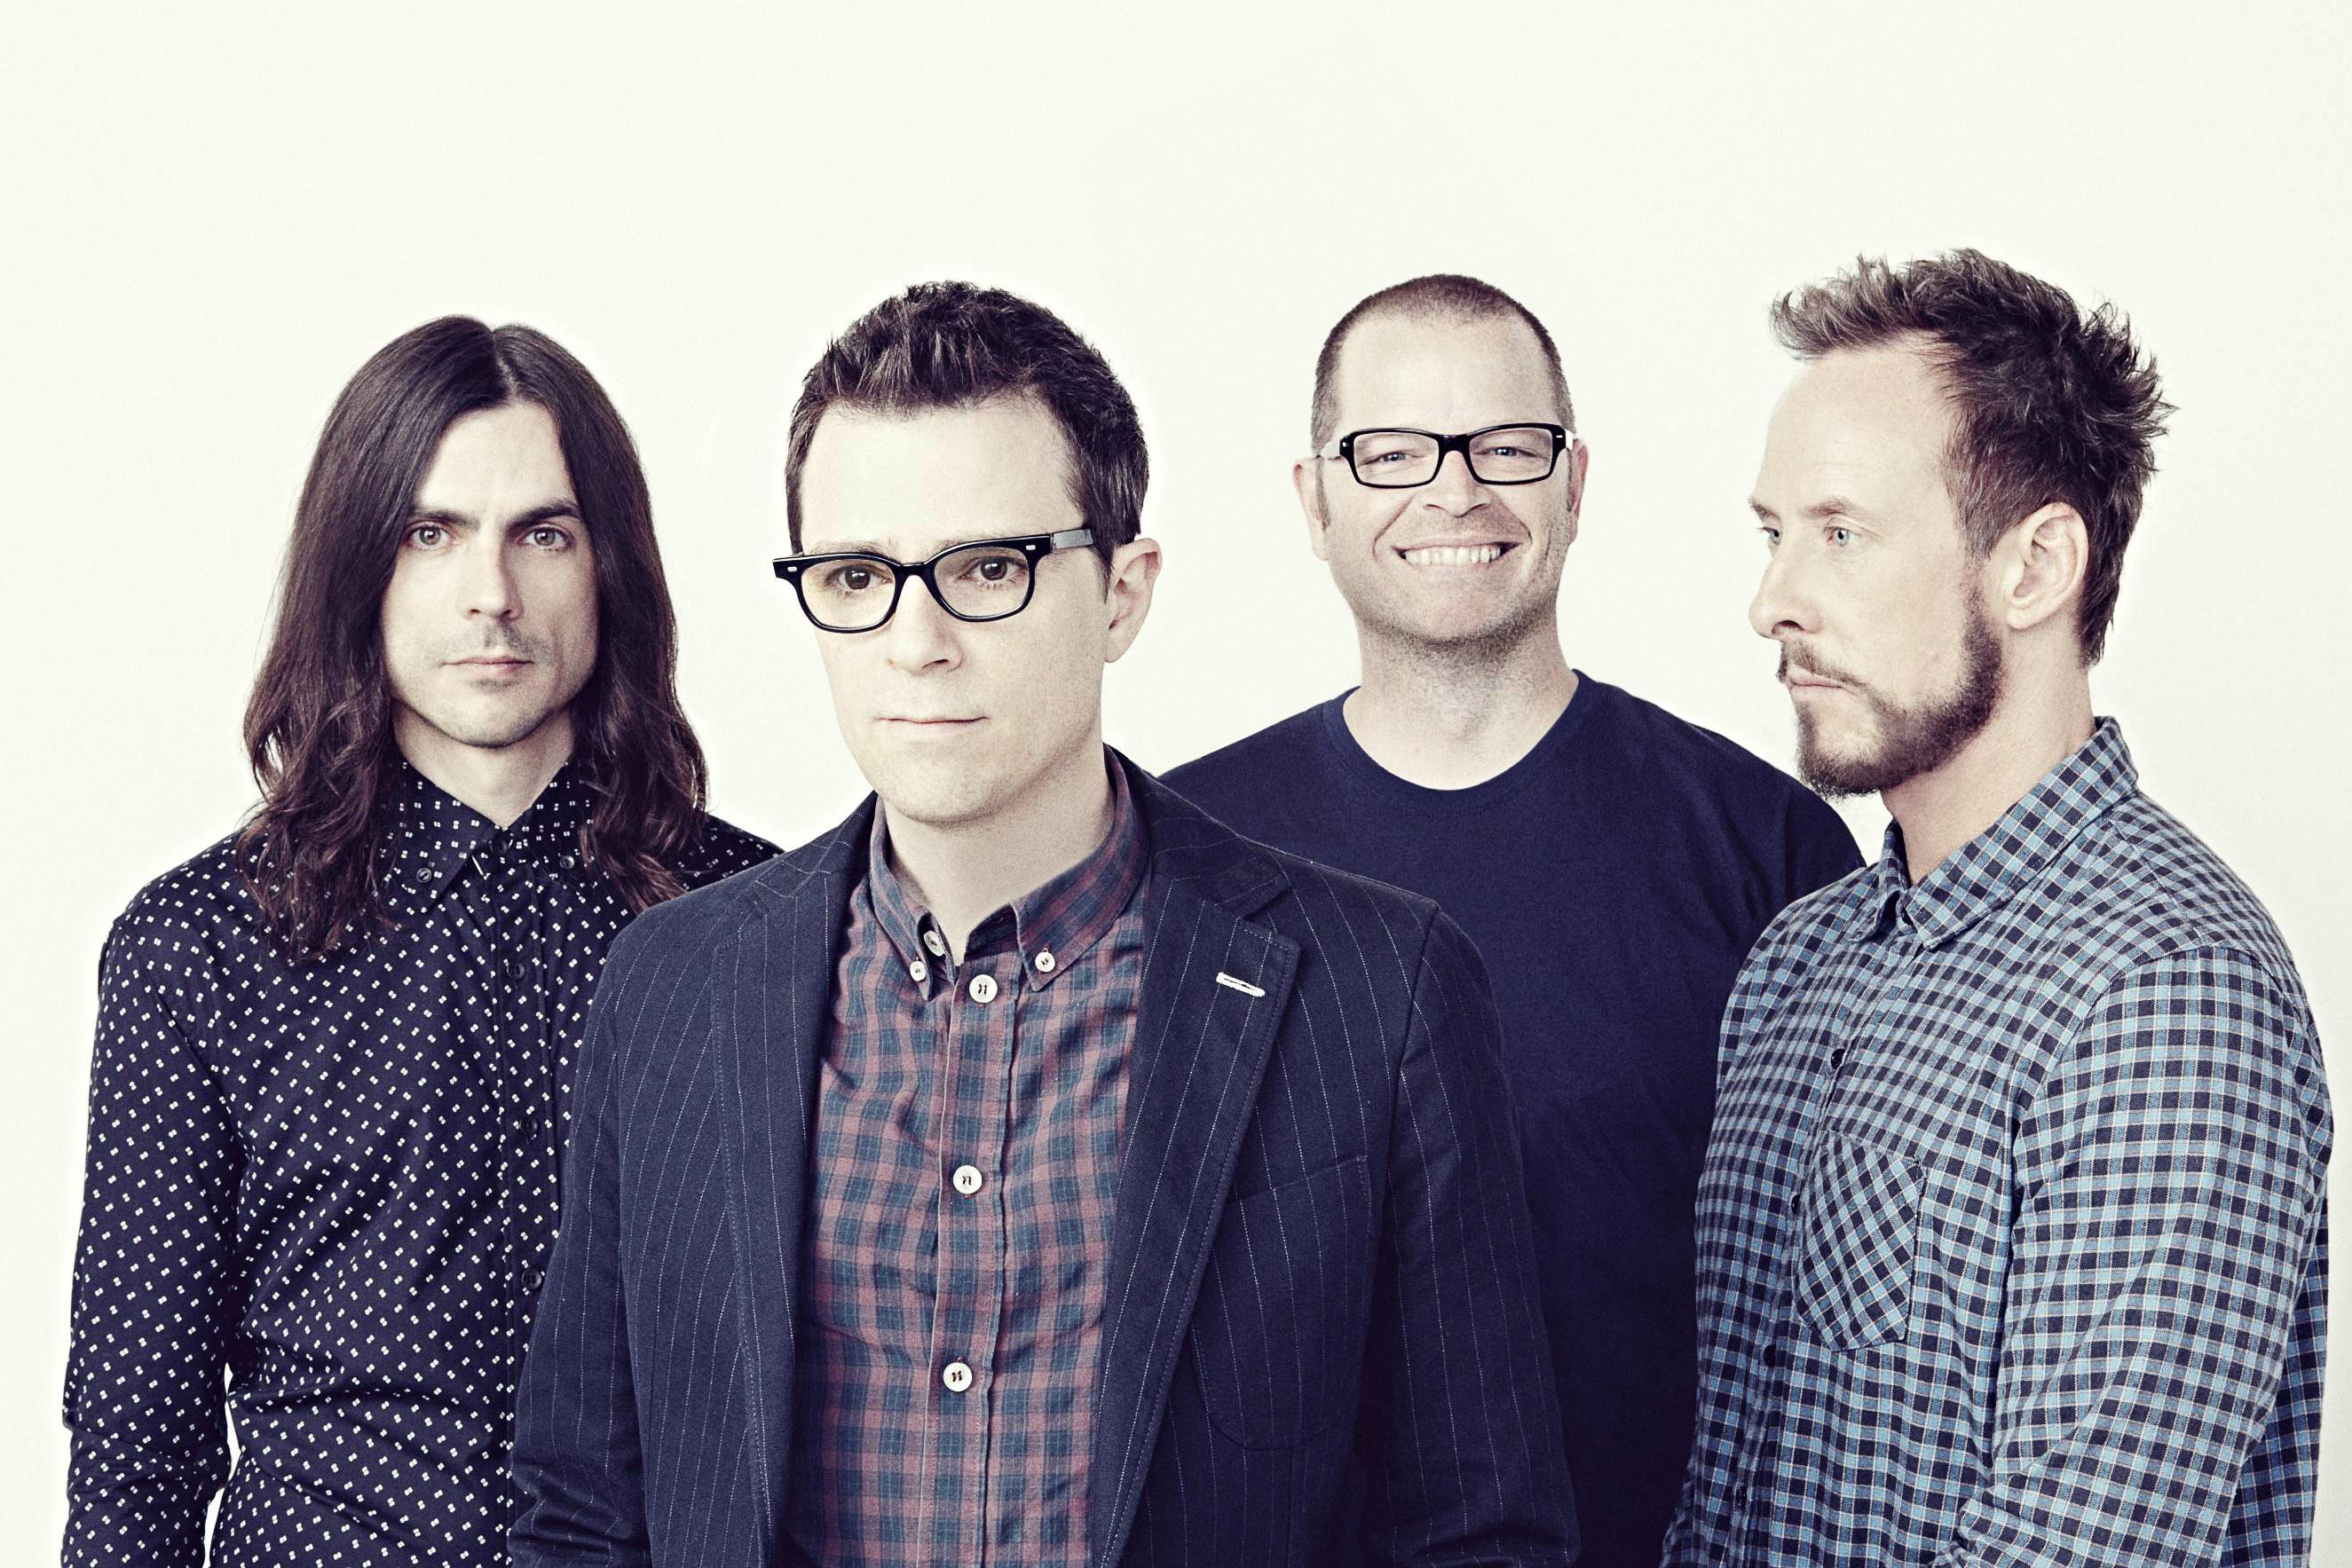 Musicians Weezer.